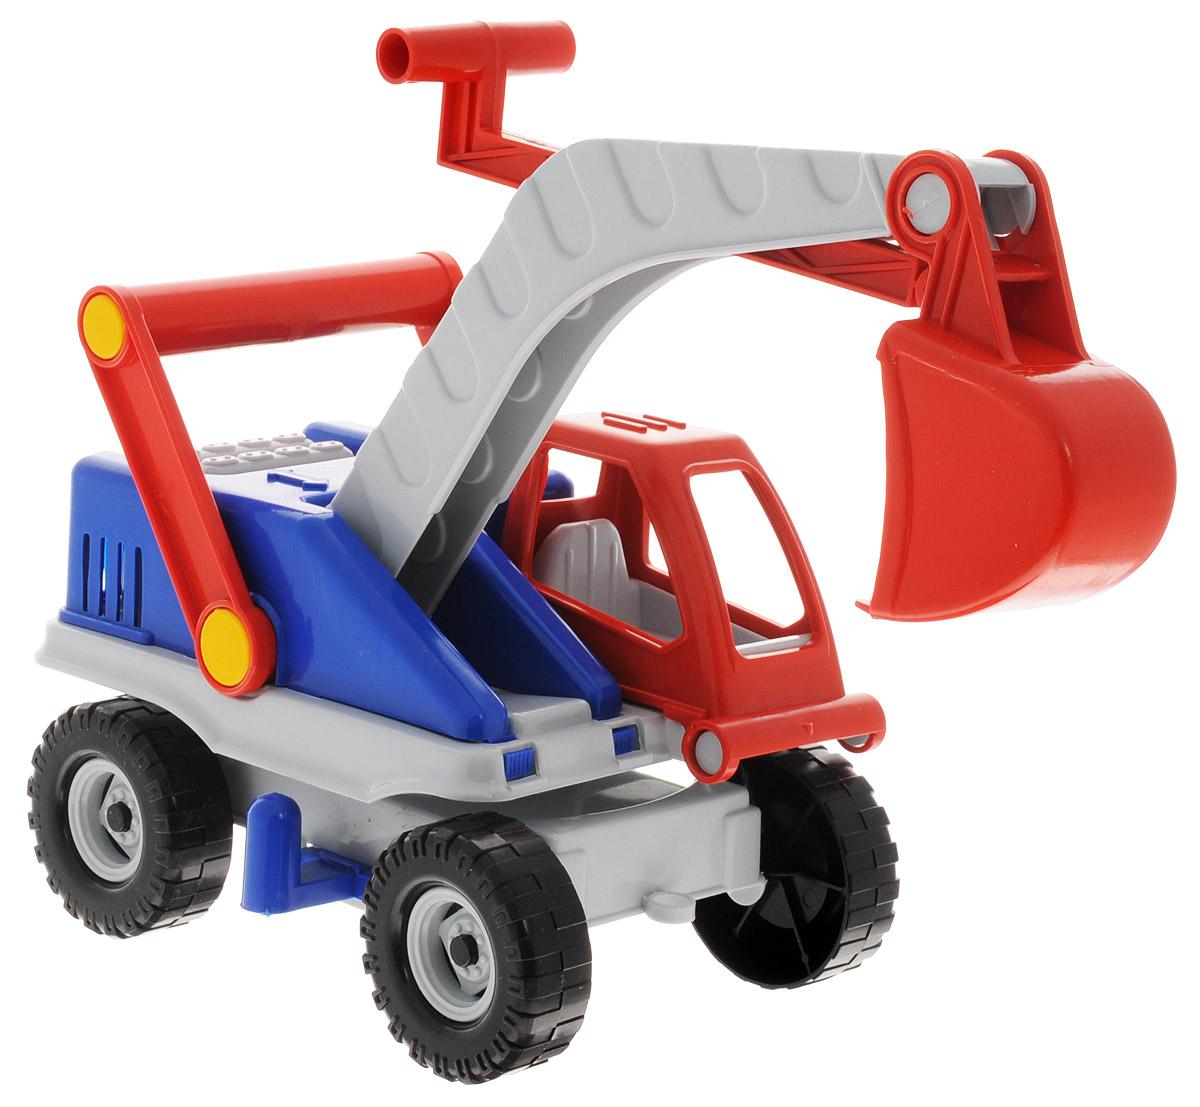 Форма ЭкскаваторС-135-ФЭкскаватор Форма станет главным развлечением вашего малыша. Выполненная из качественного прочного пластика игрушка долго прослужит малышу. Плотные массивные колеса, напоминающие резиновые, обеспечивают плавность хода машинки, а также устойчивость. Экскаватор оснащён большим пластиковым ковшом для поднятия груза. При поднятии красного рычага на ковше, он сможет опускаться вверх-вниз. Машинка яркая и безопасная для здоровья вашего малыша.